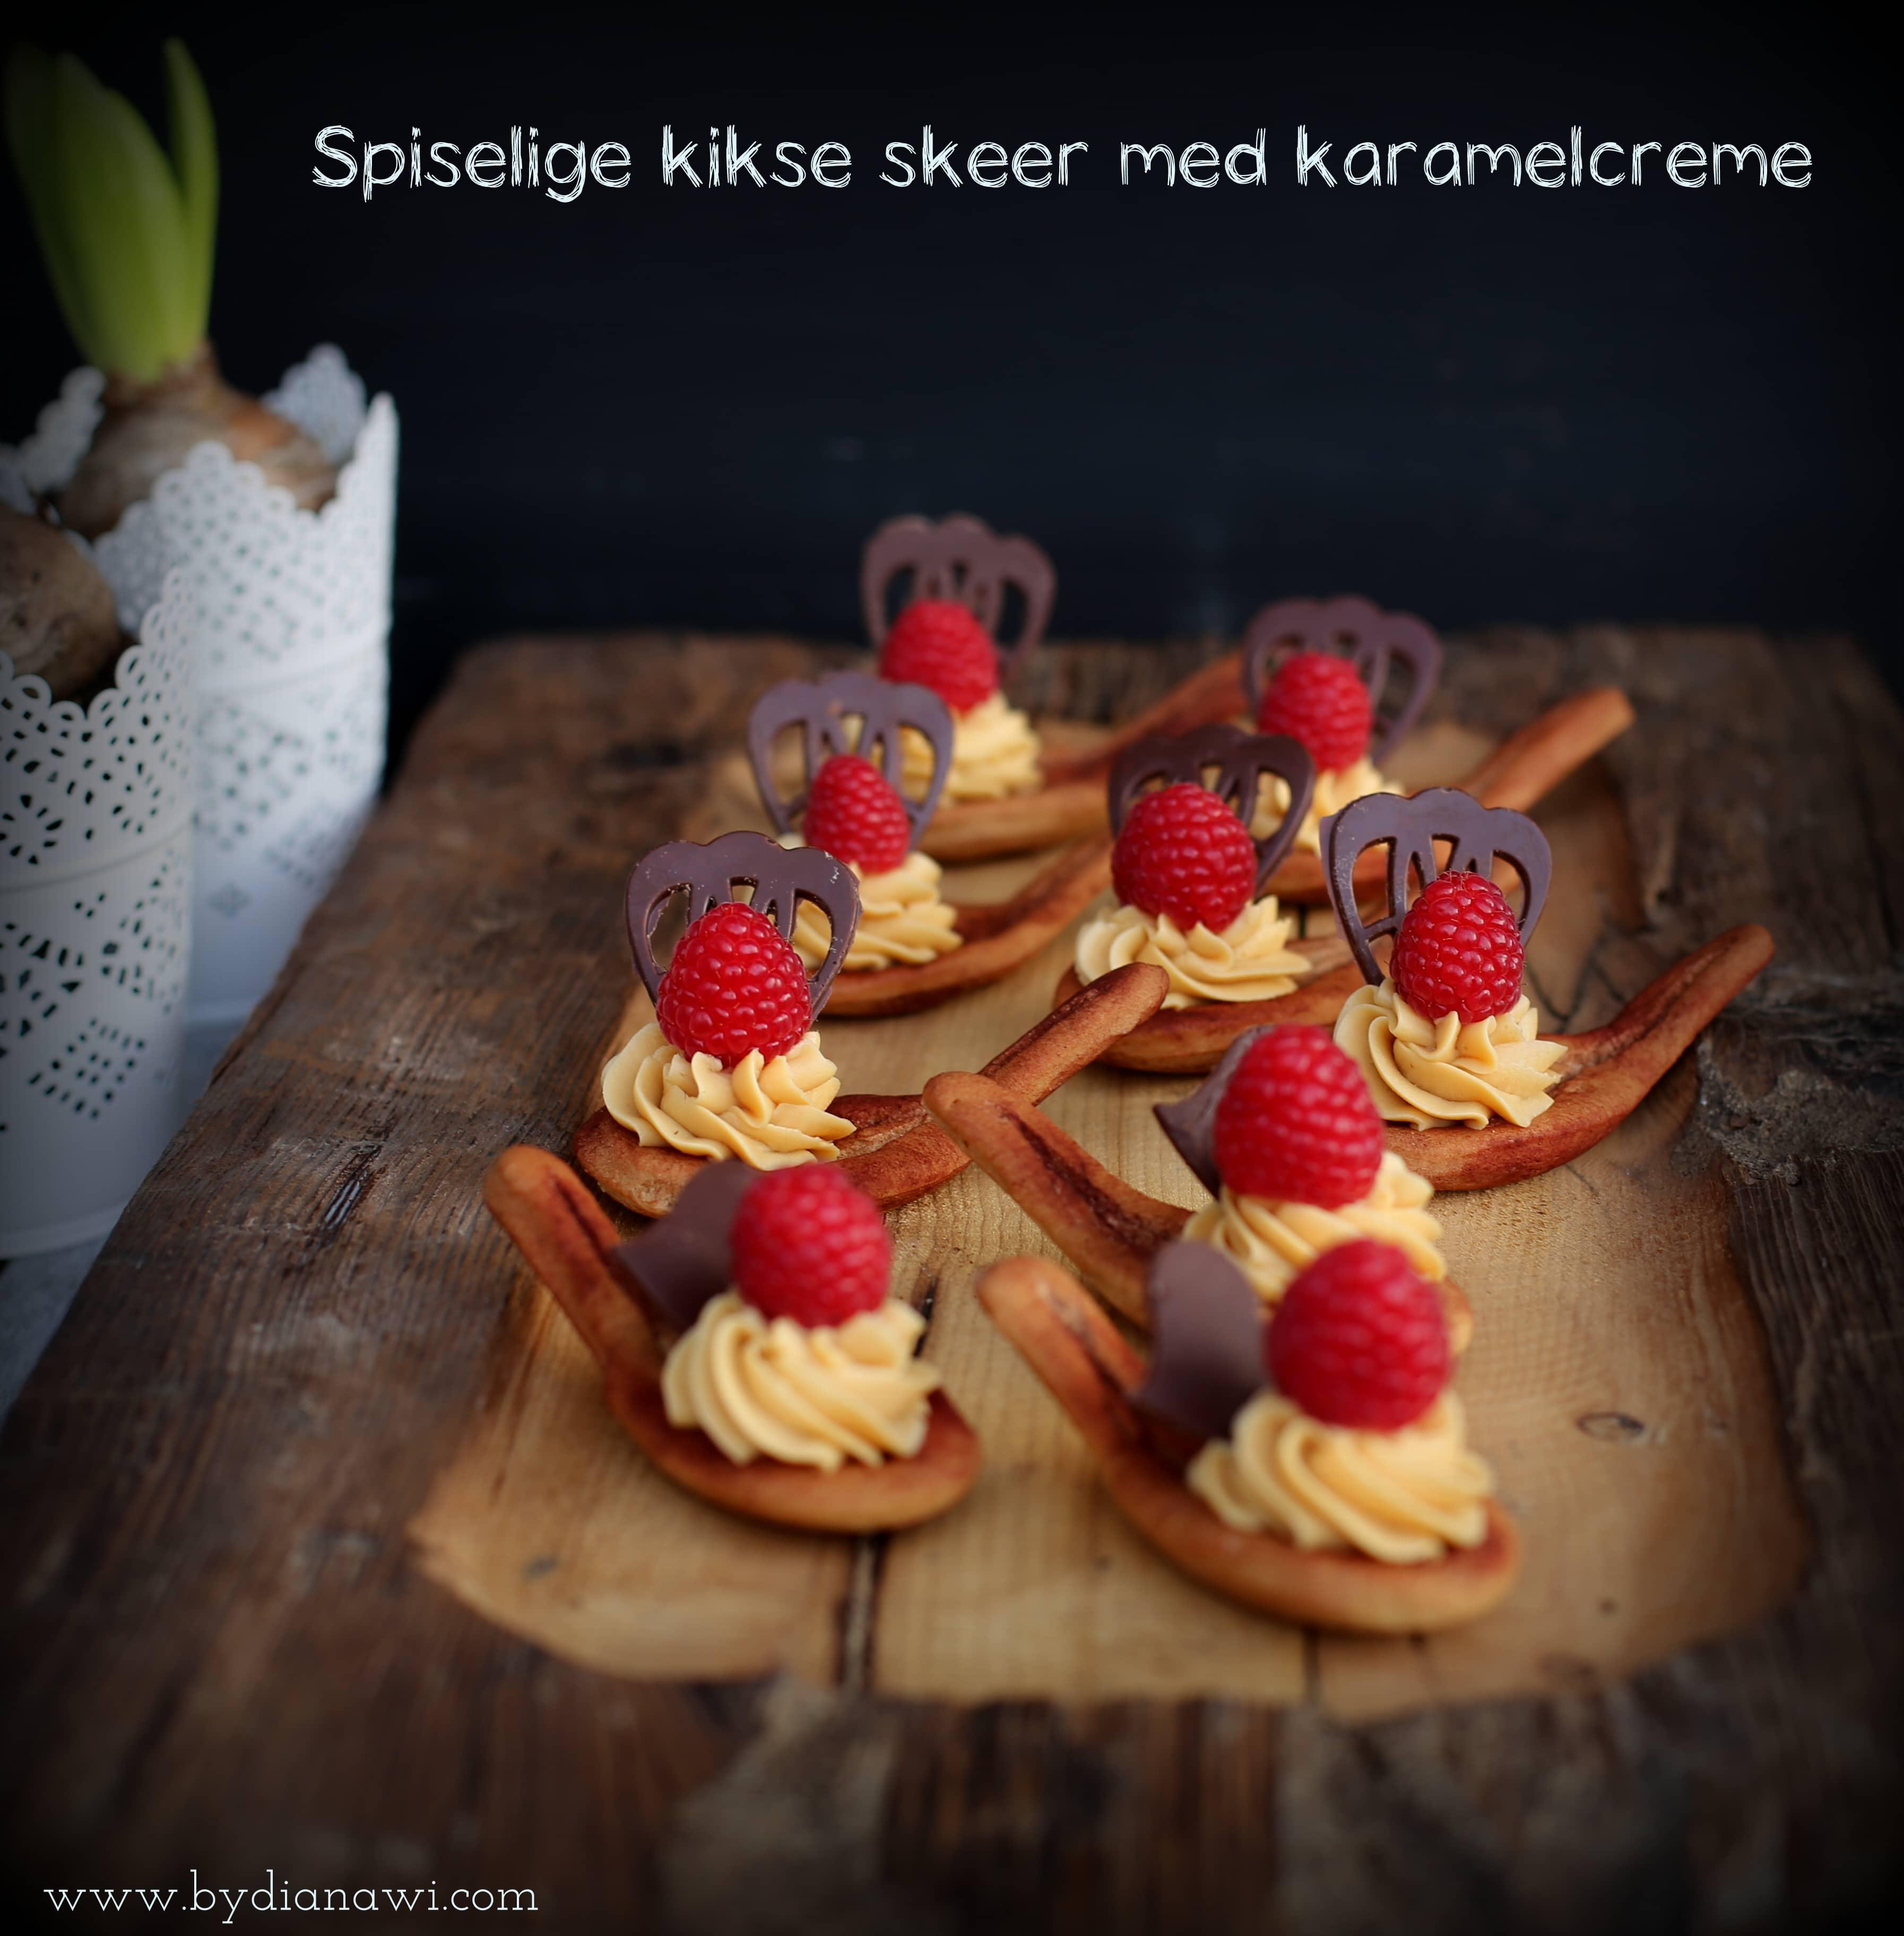 Spiselige kikse skeer med karamelcreme